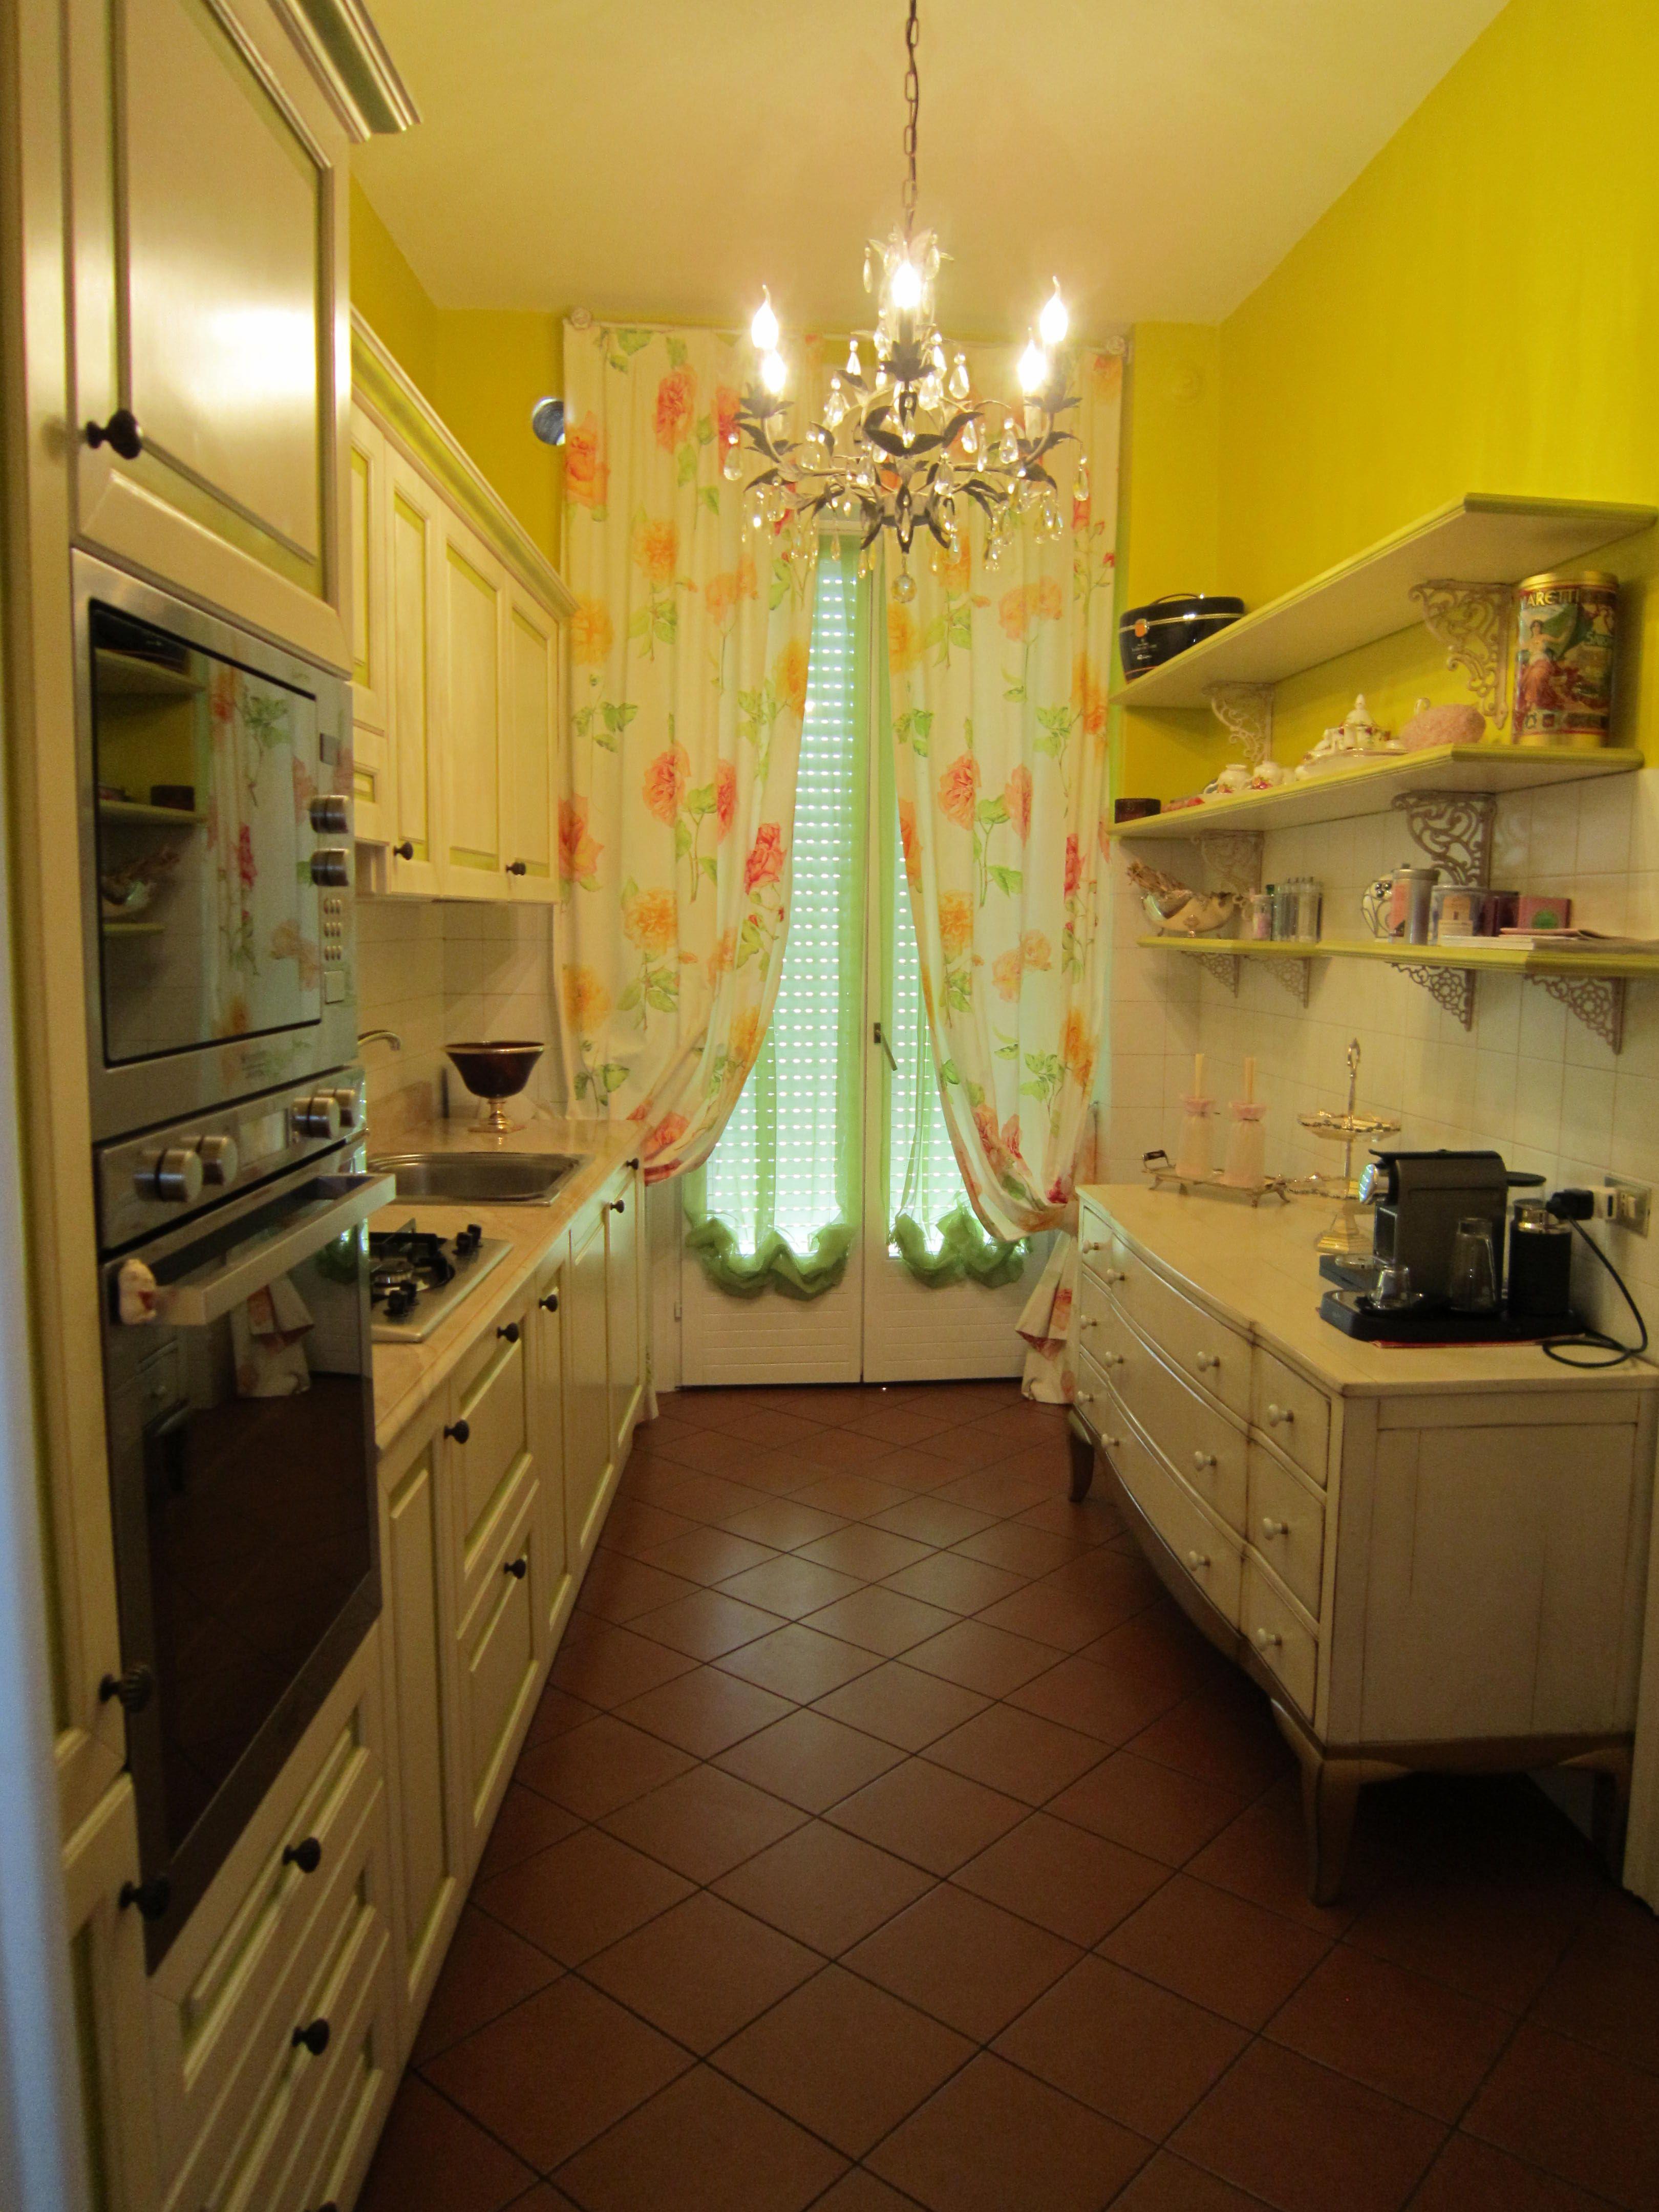 interiordesigner design arredamentosumisura progettazionedinterni progettazione arredamento mobilisumisura cucina